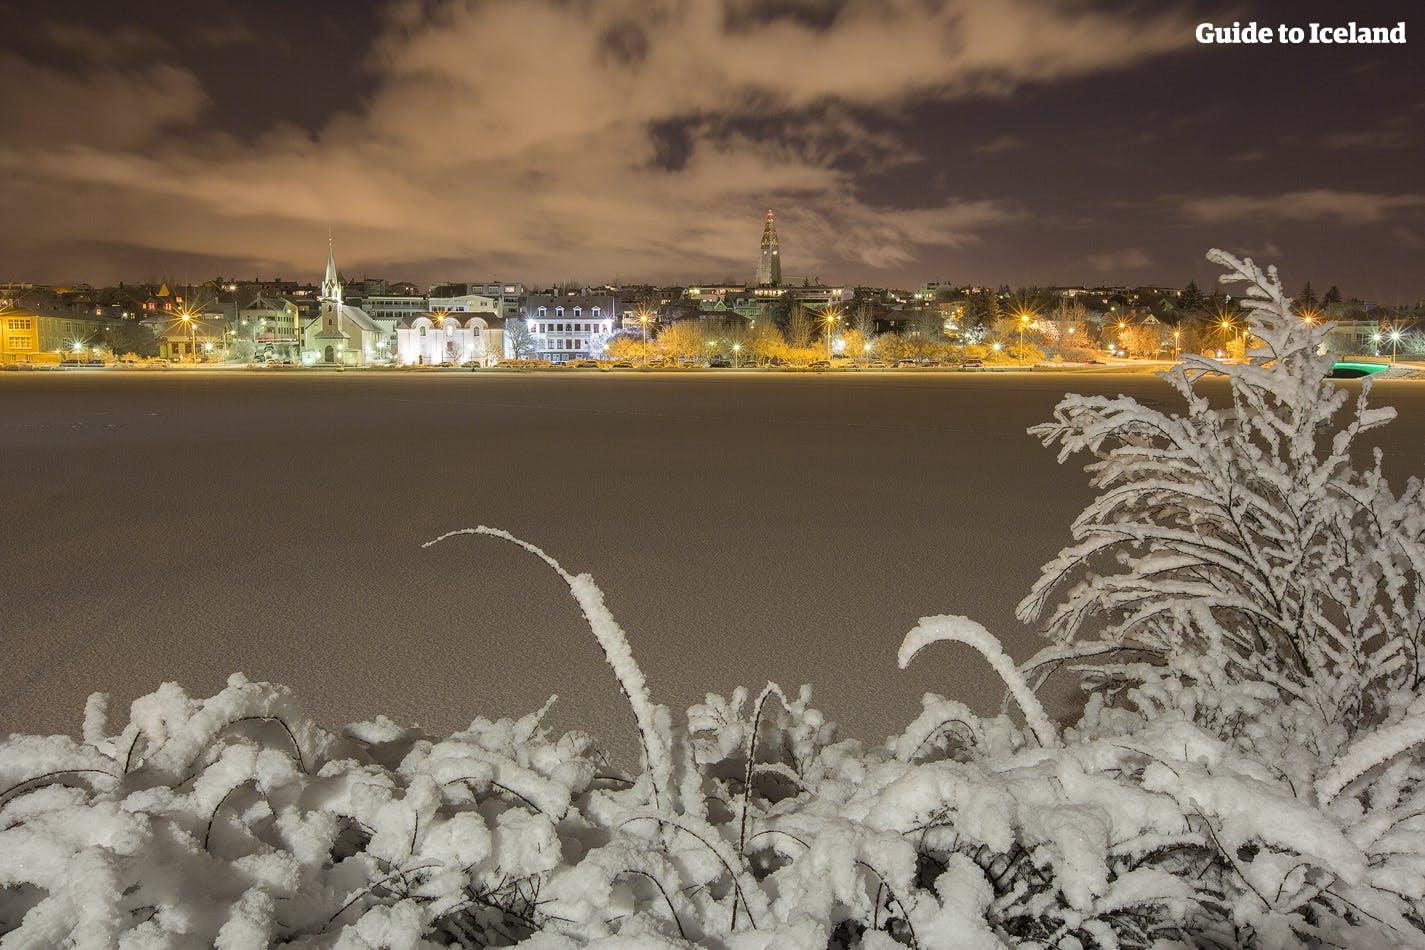 Reykjavíks gatubelysning lyser upp den mörka vinterhimlen.